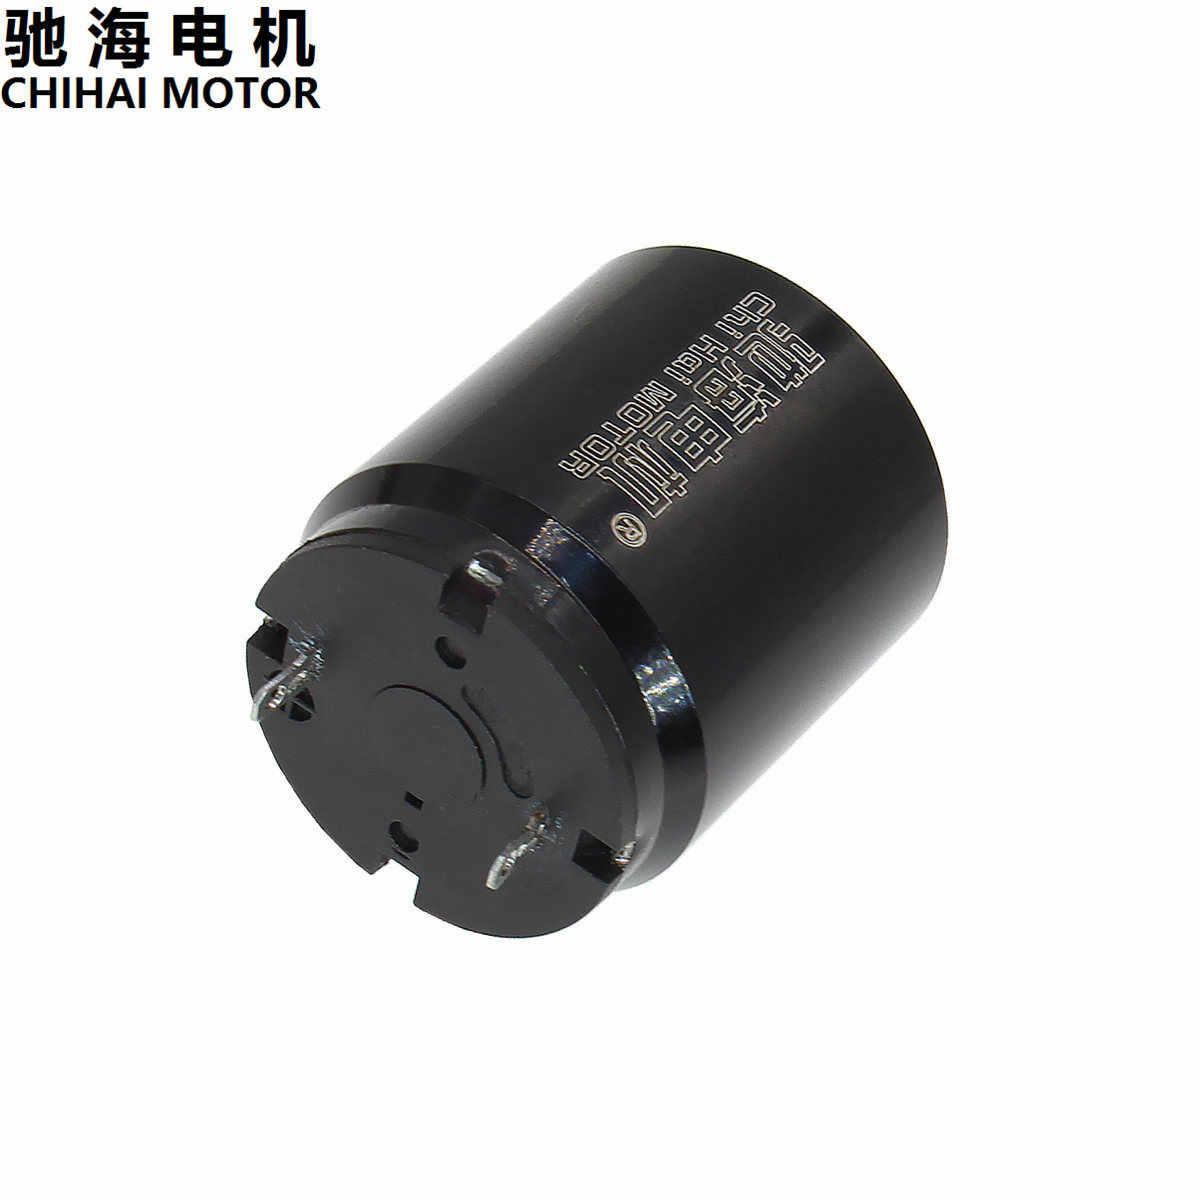 22 мм диаметр, постоянный магнит постоянного тока, драгоценный металл, полый двигатель чашки, низкий уровень шума, высокий крутящий момент